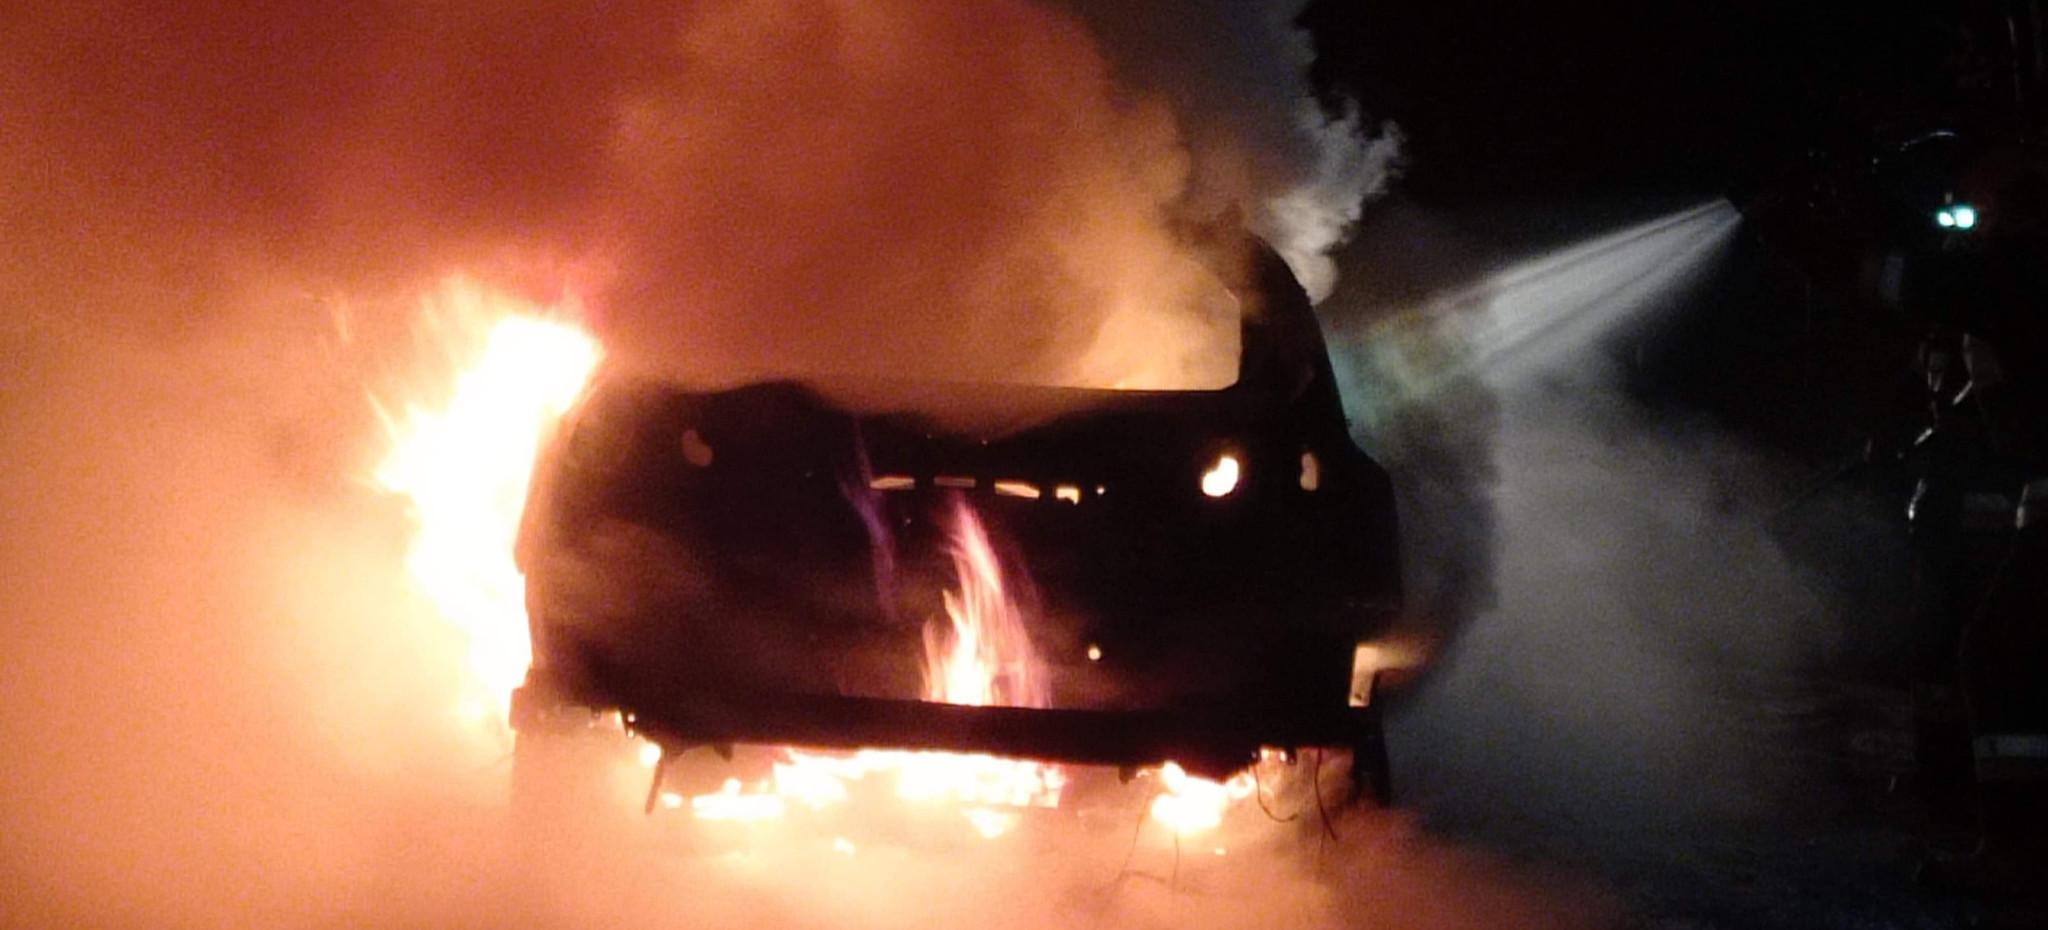 Ogromny pożar samochodu! Było niebezpiecznie (ZDJĘCIA)